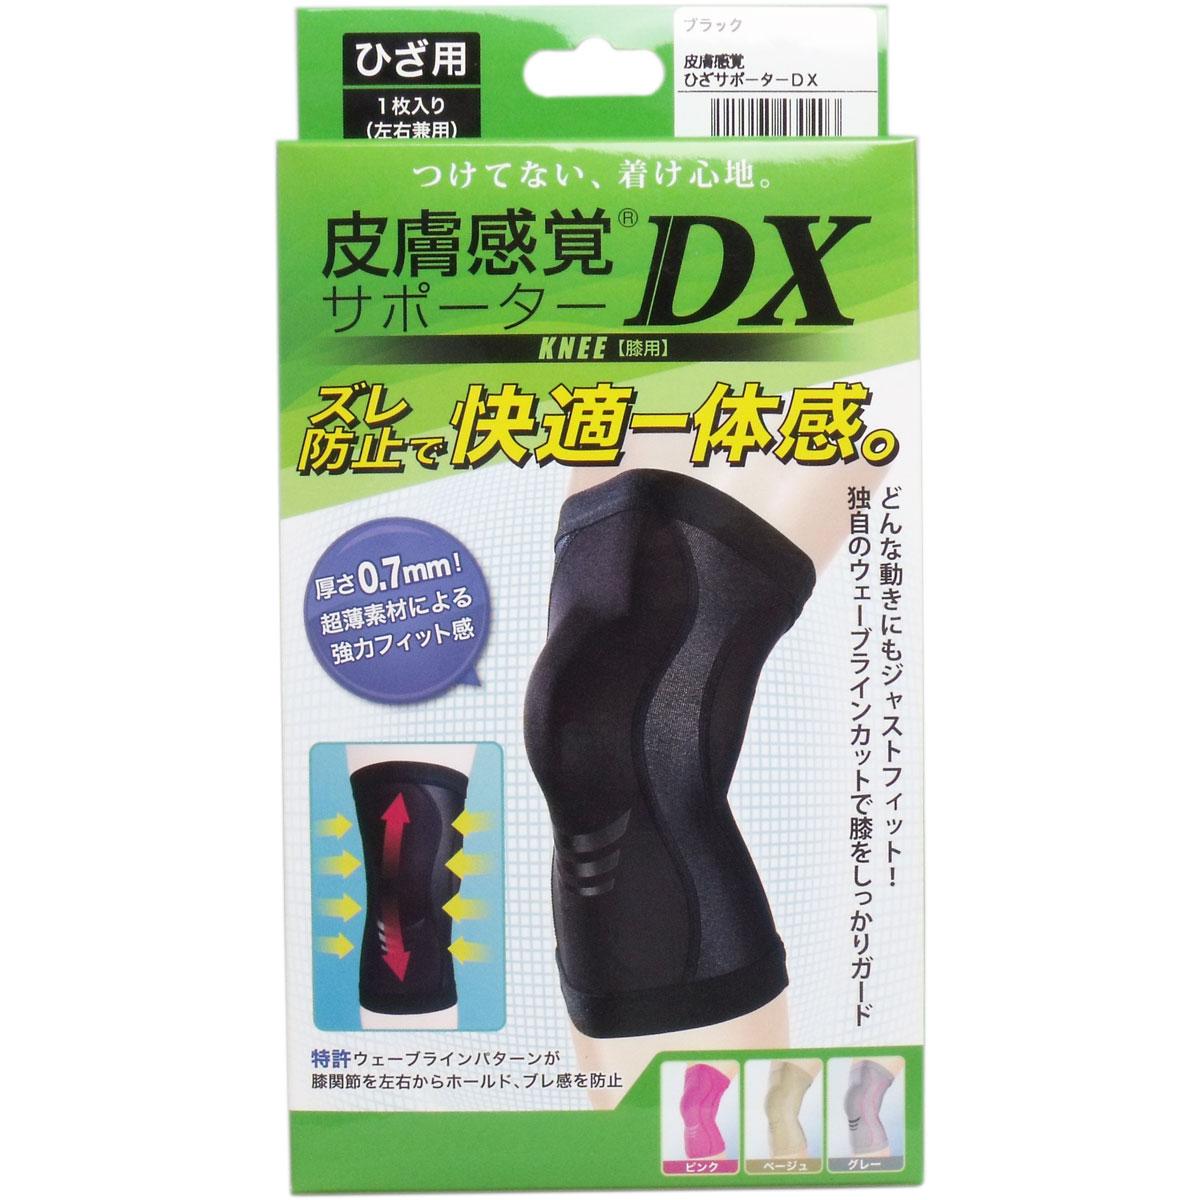 皮膚感覚 ひざサポーターDX ブラック